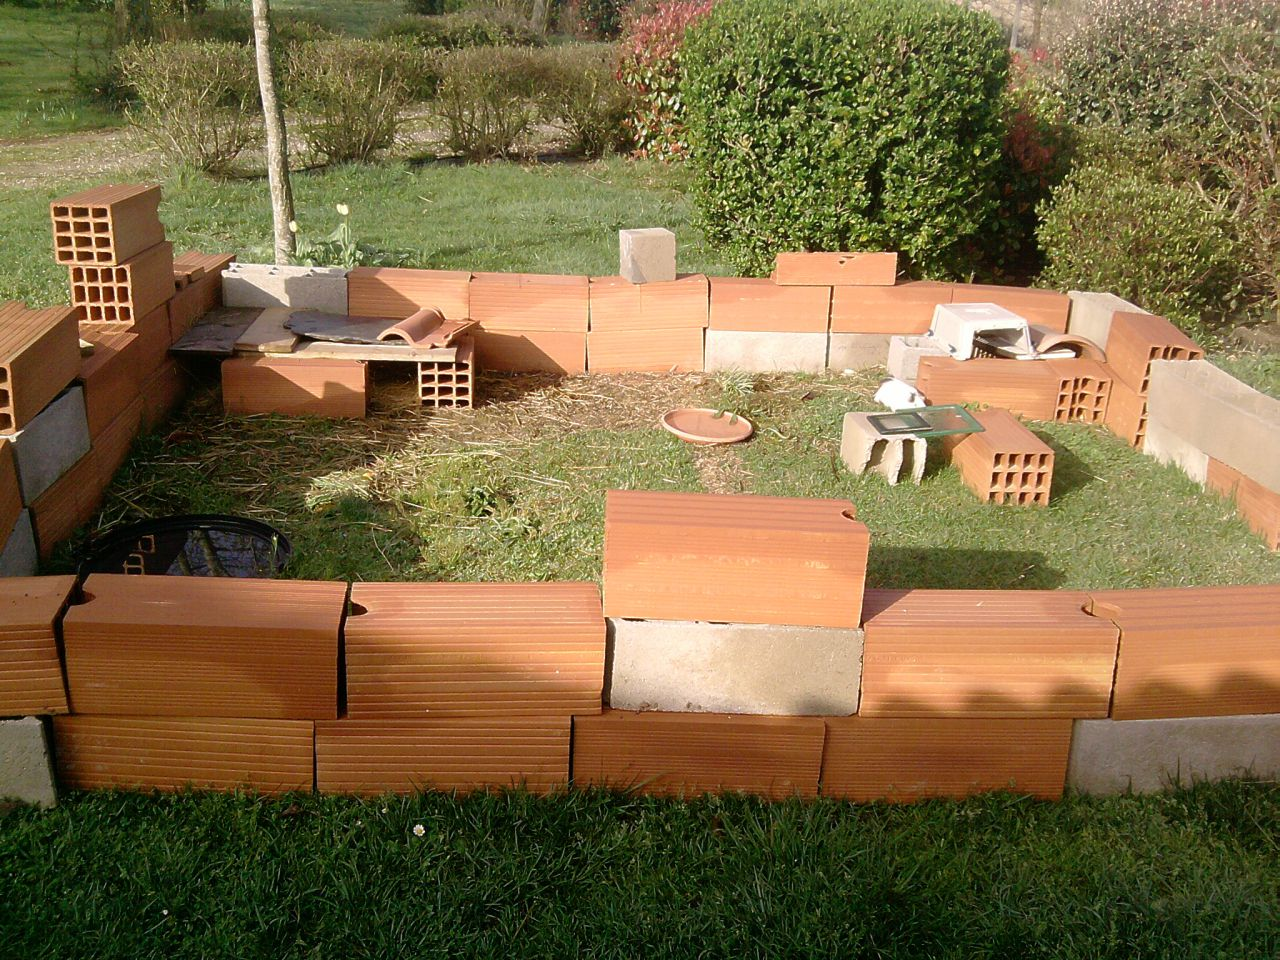 lapins d 39 interieur dans le jardin 1 forum cheval. Black Bedroom Furniture Sets. Home Design Ideas